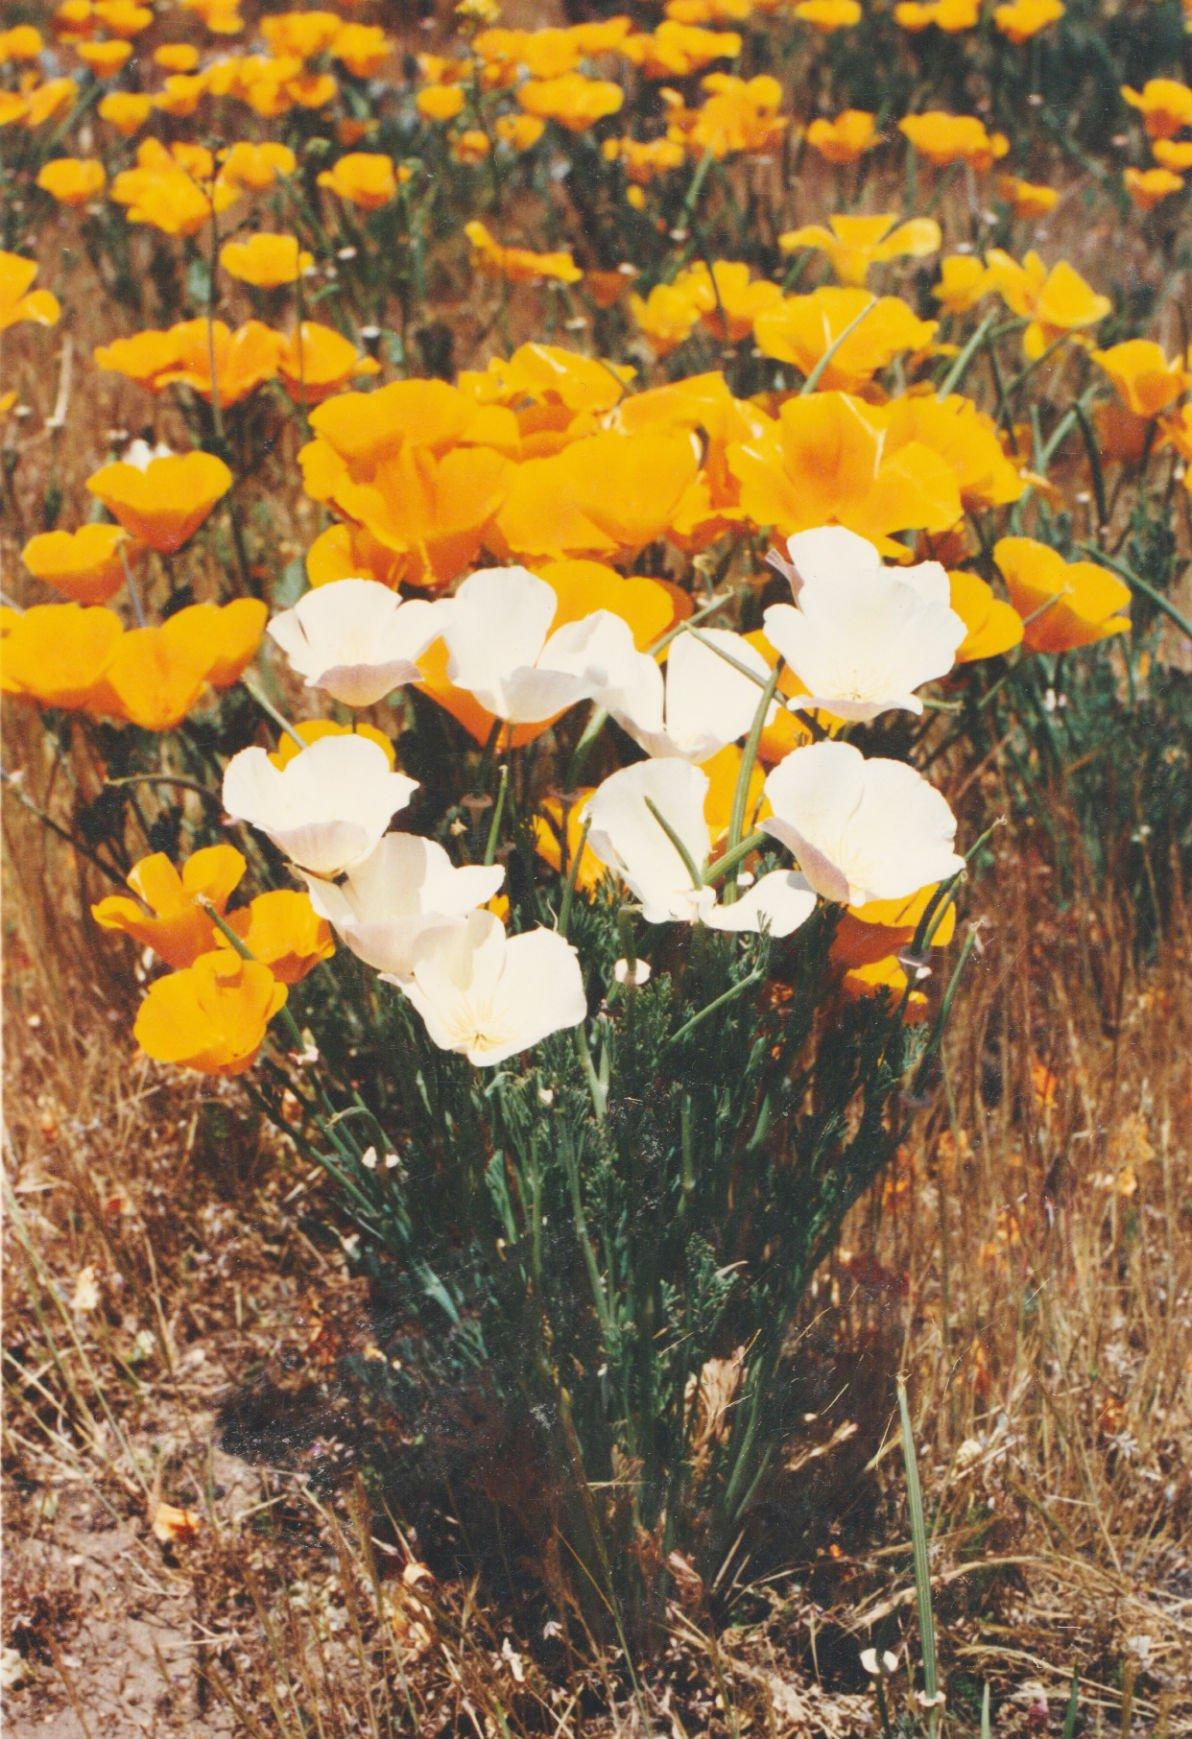 Pen in Hand #1500- White Poppies 1.jpg